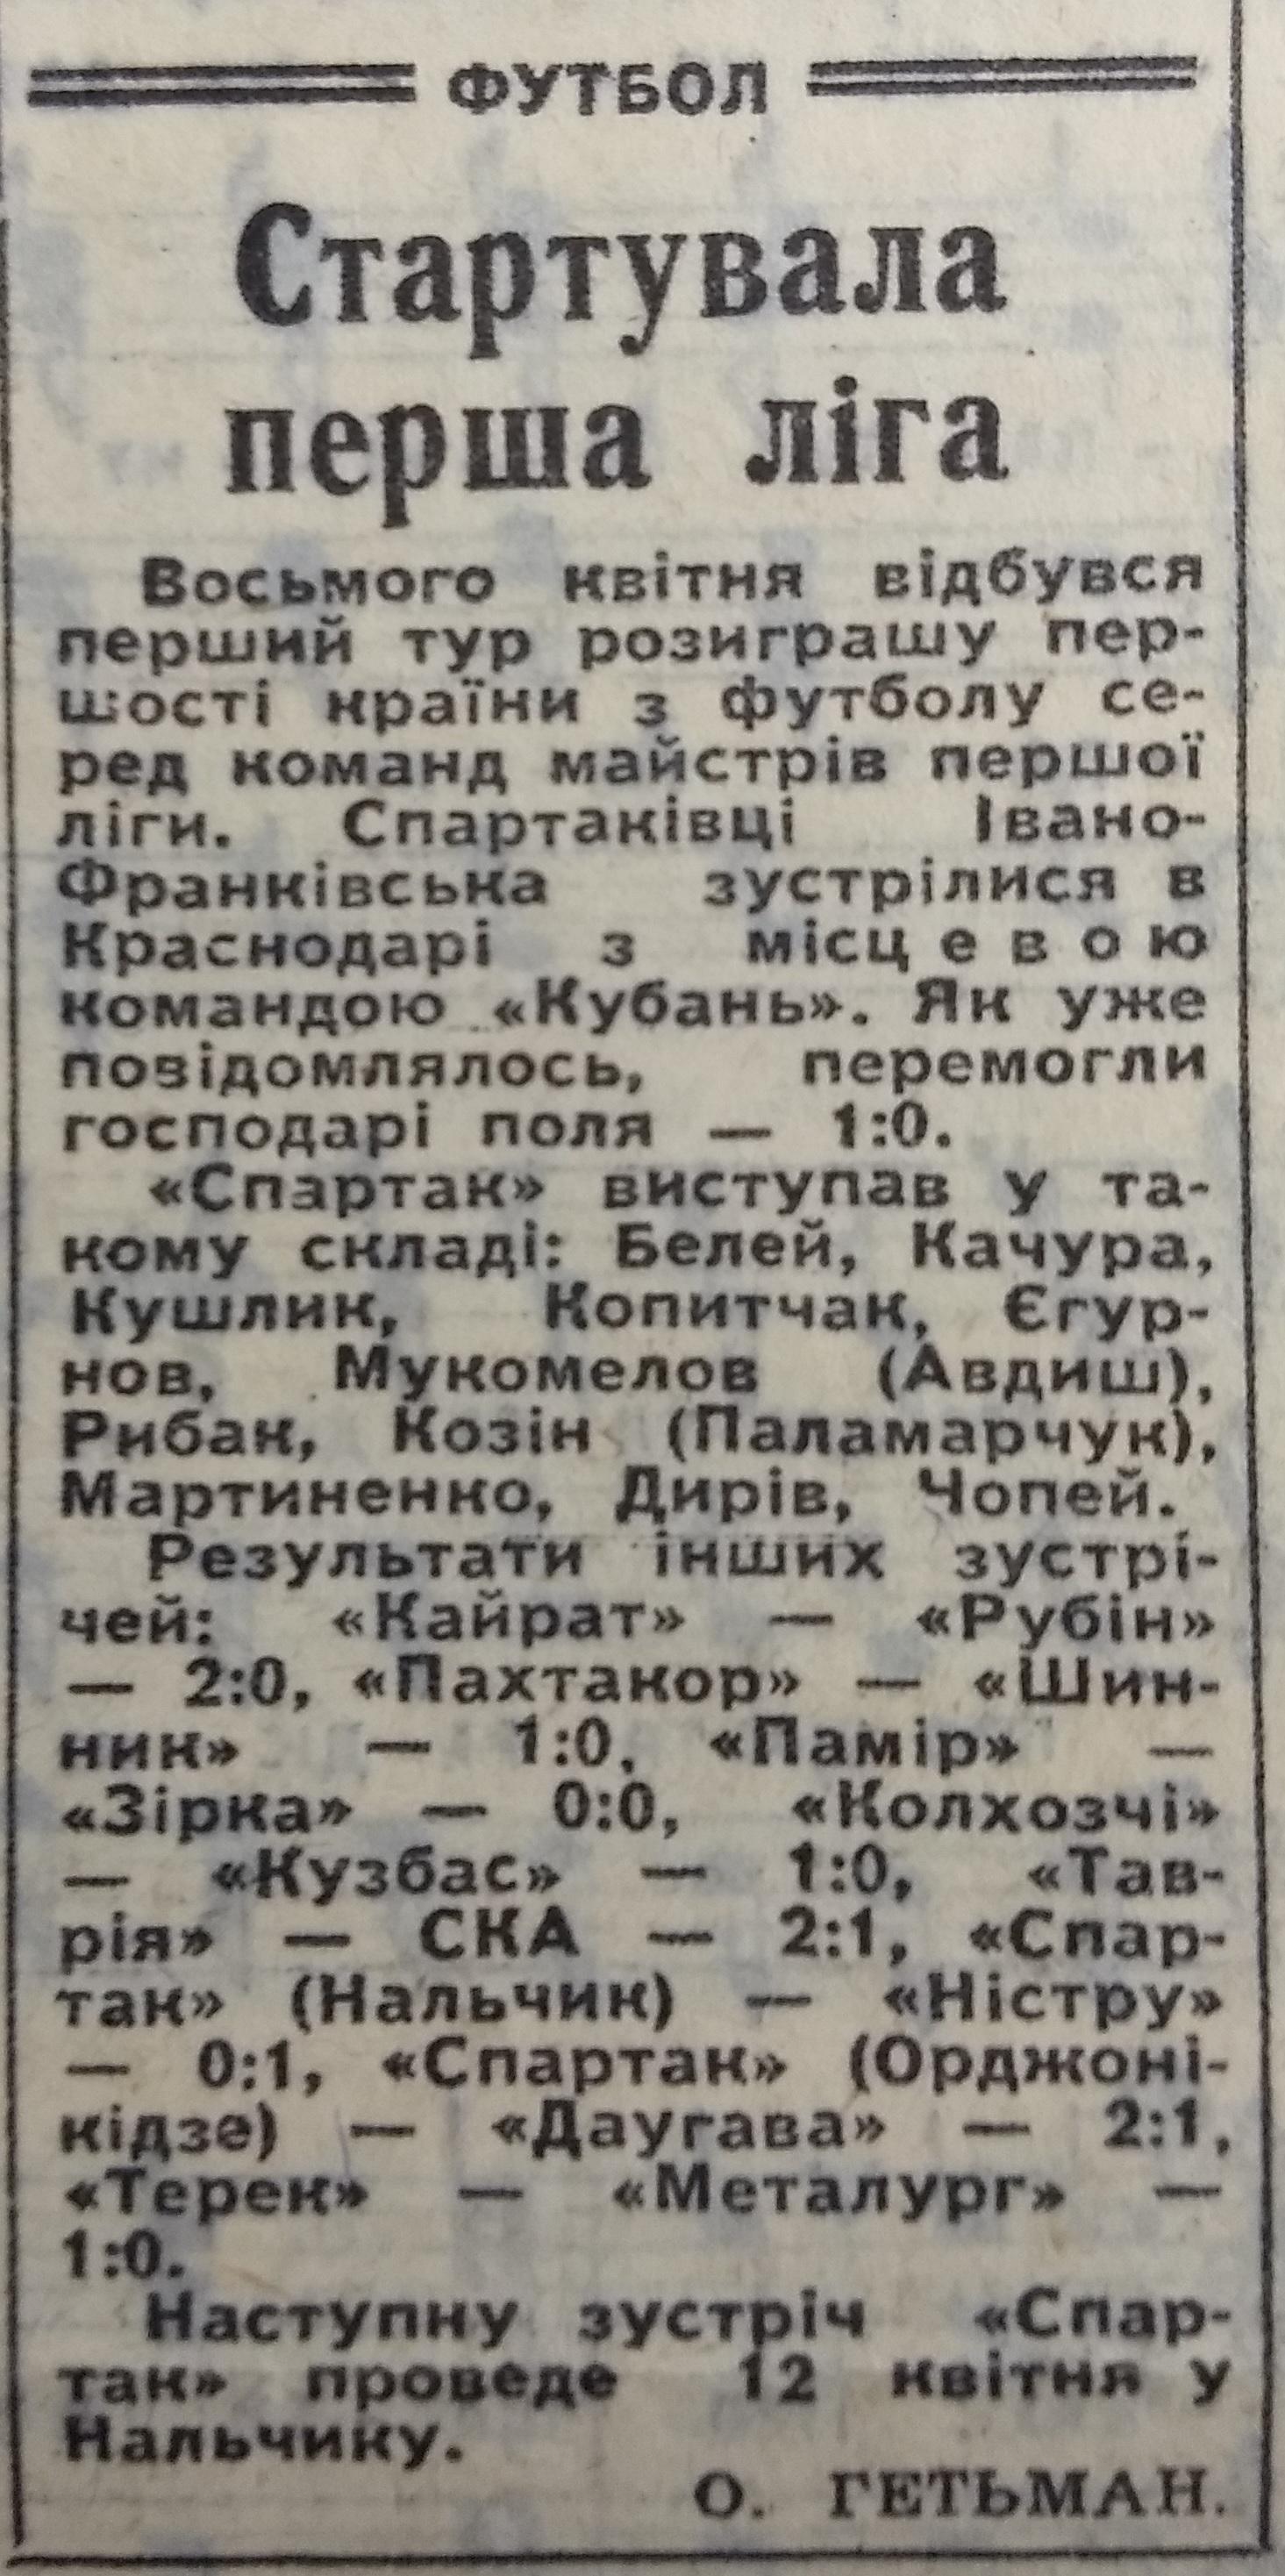 Кубань (Краснодар) - Спартак (Ивано-Франковск) 1:0. Нажмите, чтобы посмотреть истинный размер рисунка